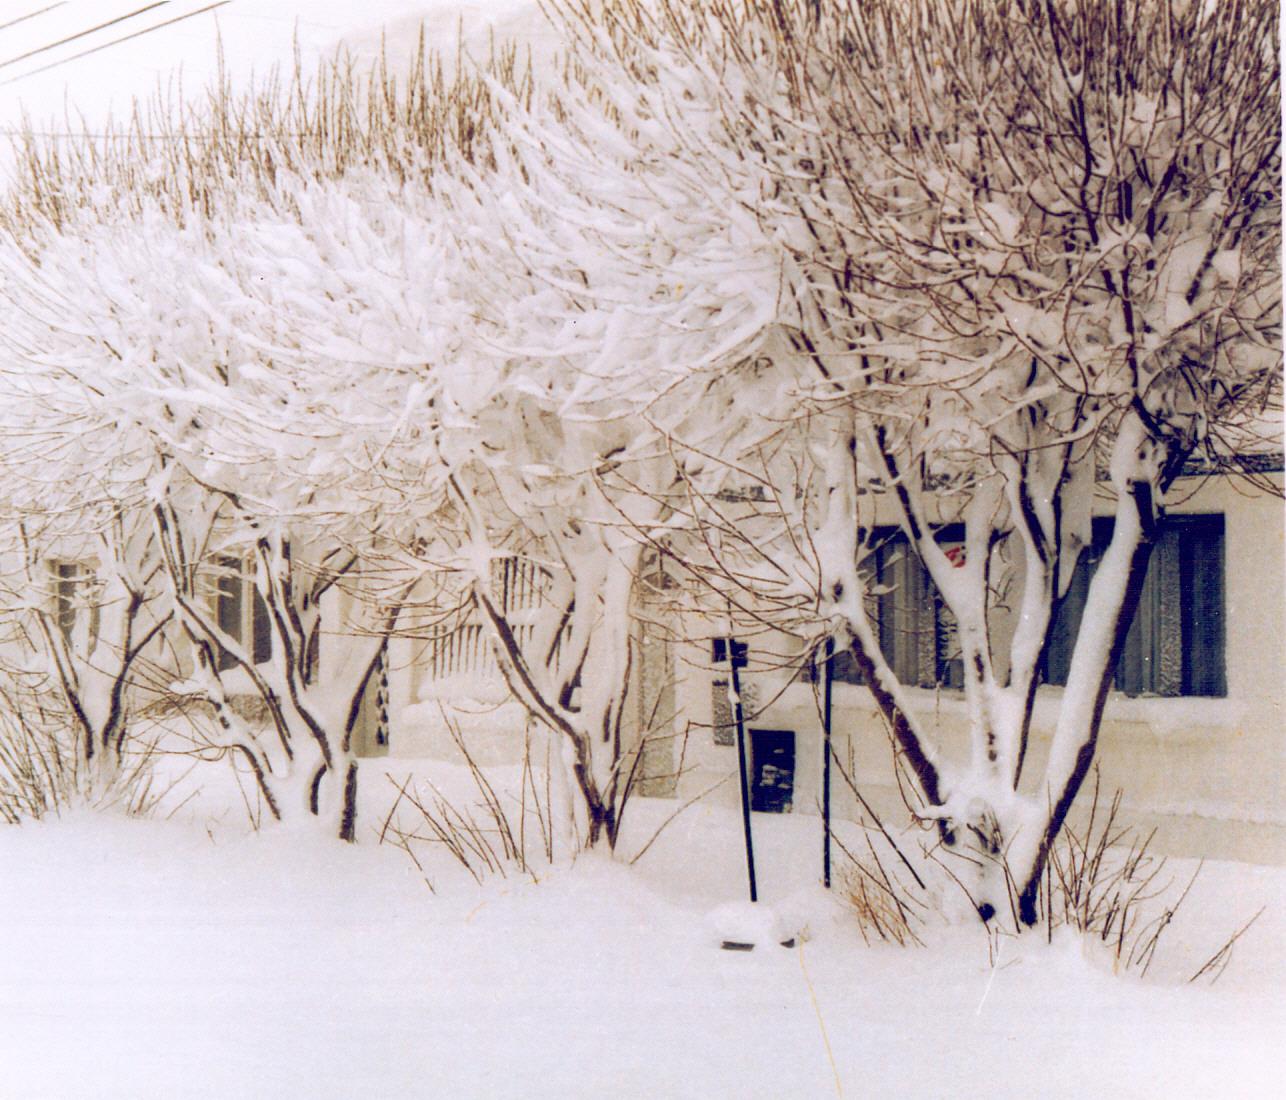 Los árboles nevados reflejaron la típica postal invernal. FOTO ARCHIVO LOA